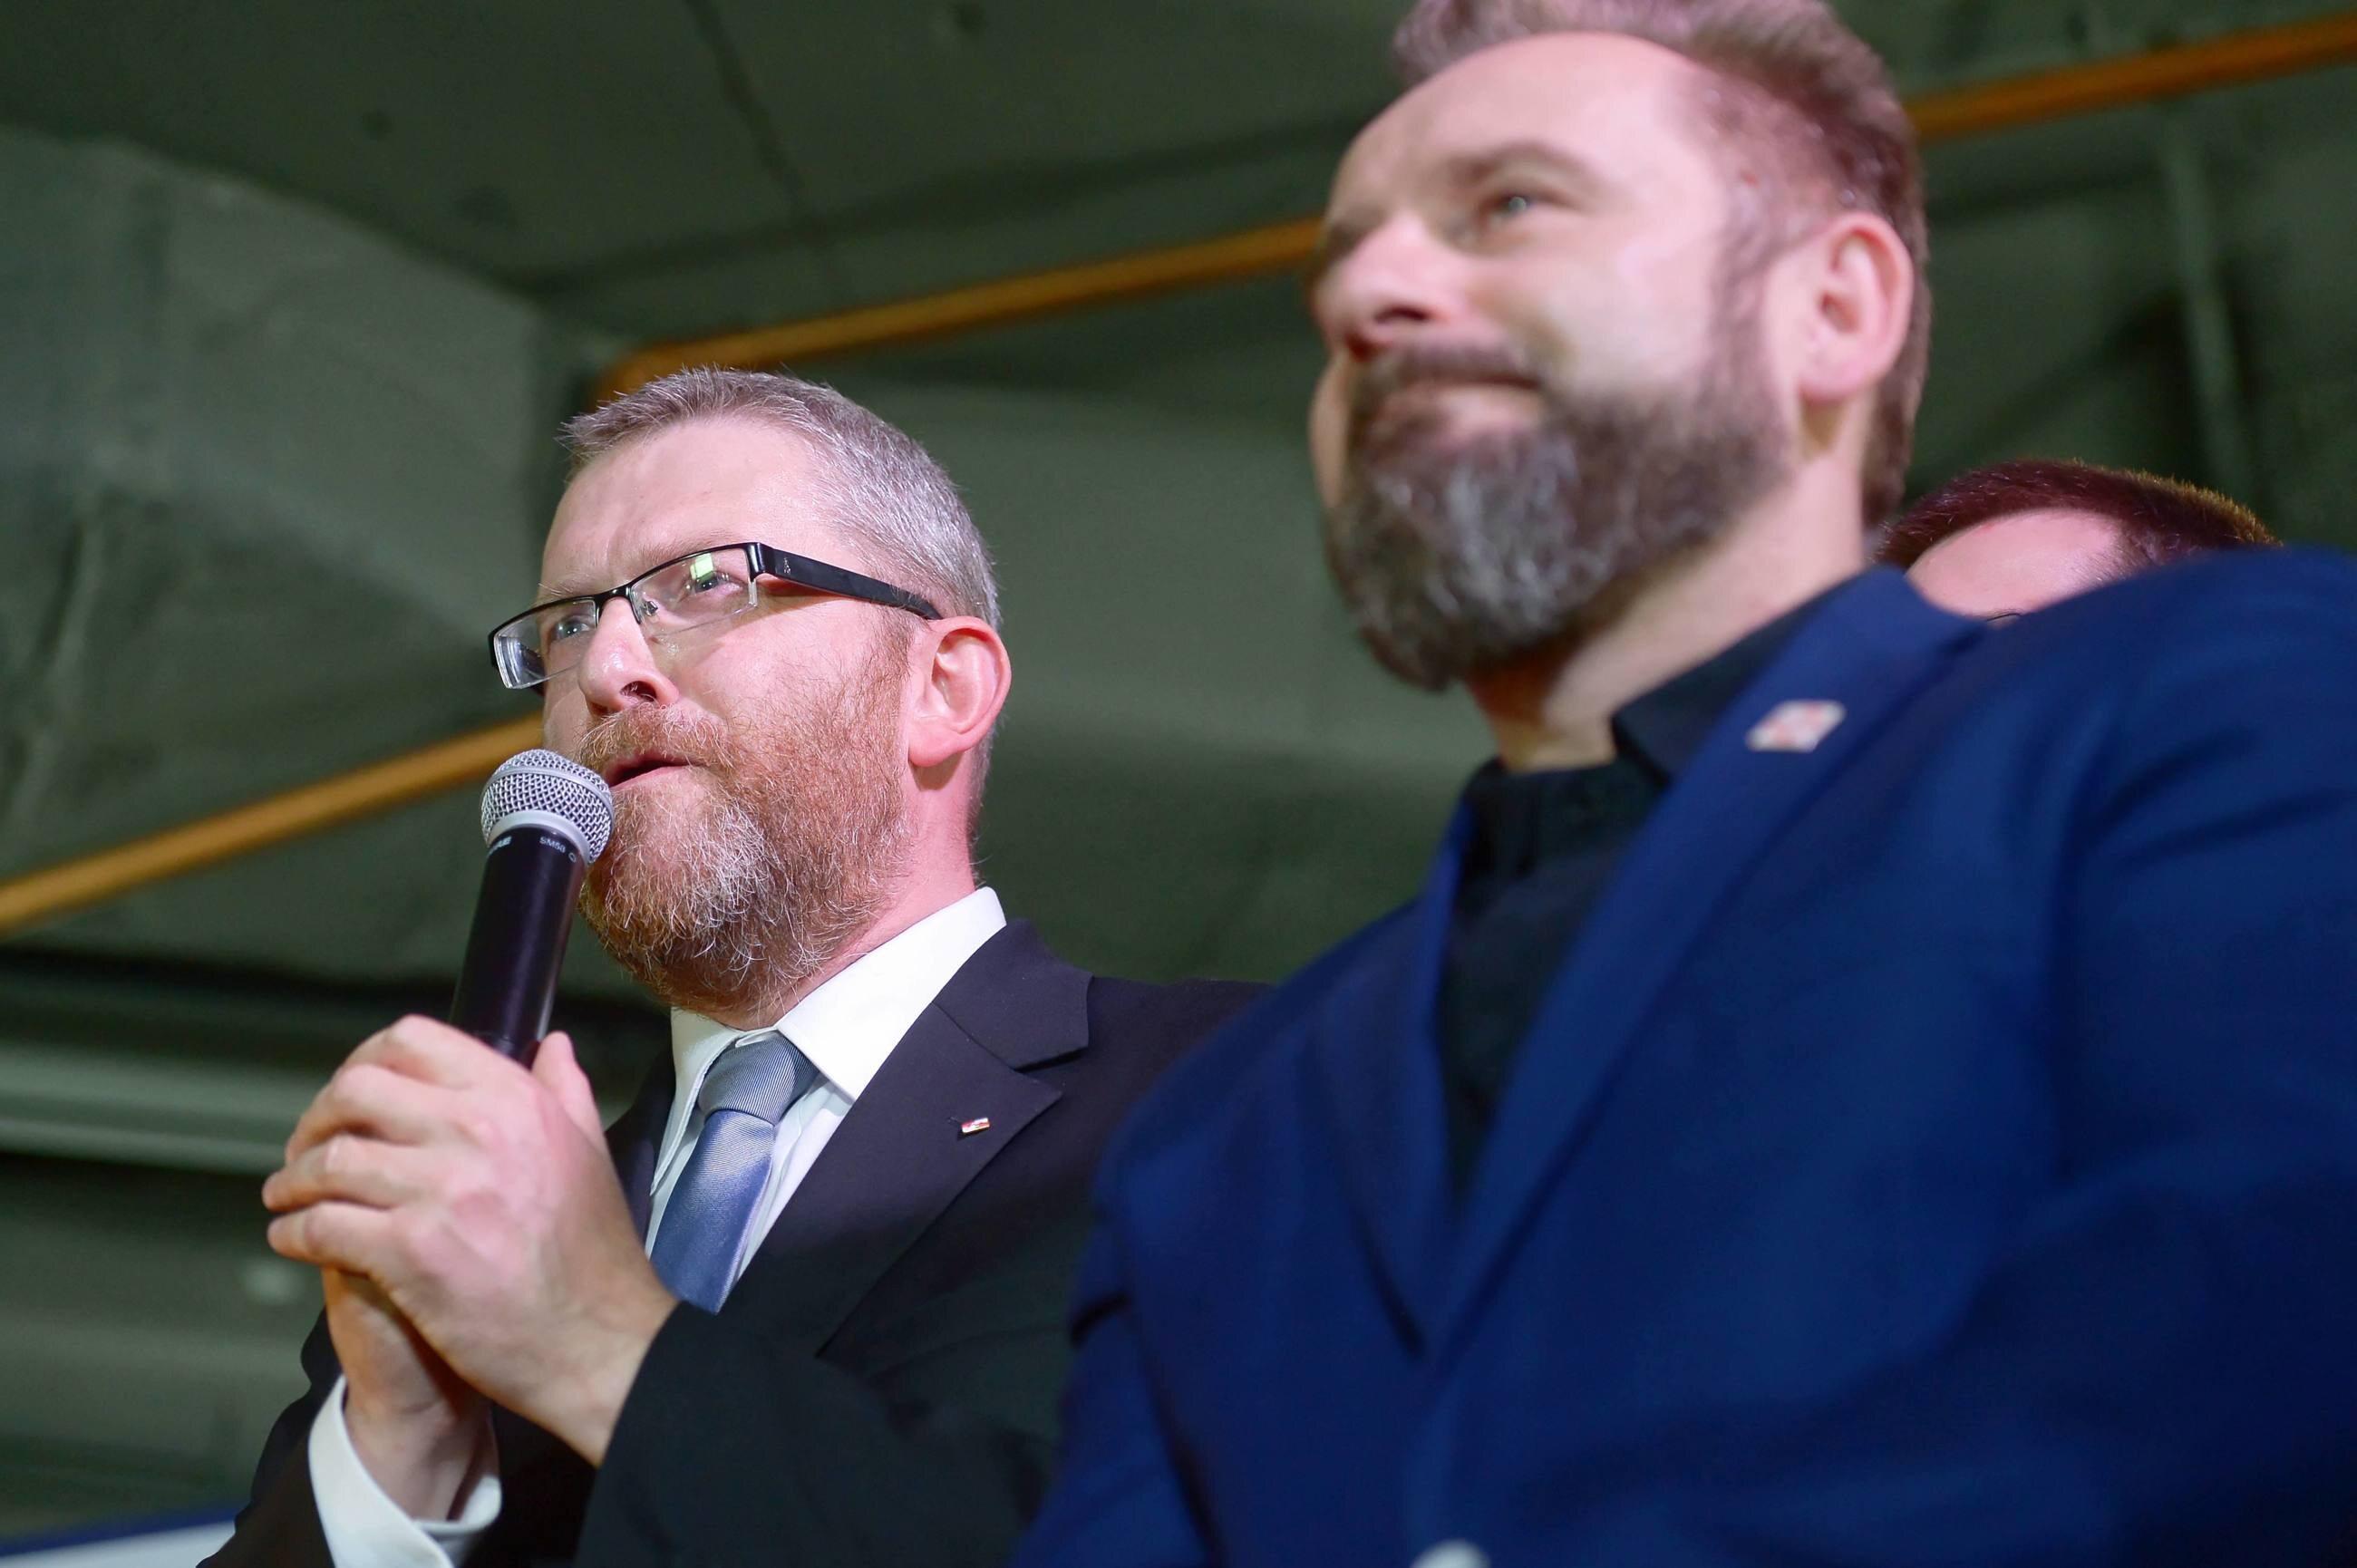 Grzegorz Braun z organizacji Pobudka i prezes Stowarzyszenia Skuteczni Piotr Liroy-Marzec w sztabie wyborczym Konfederacji